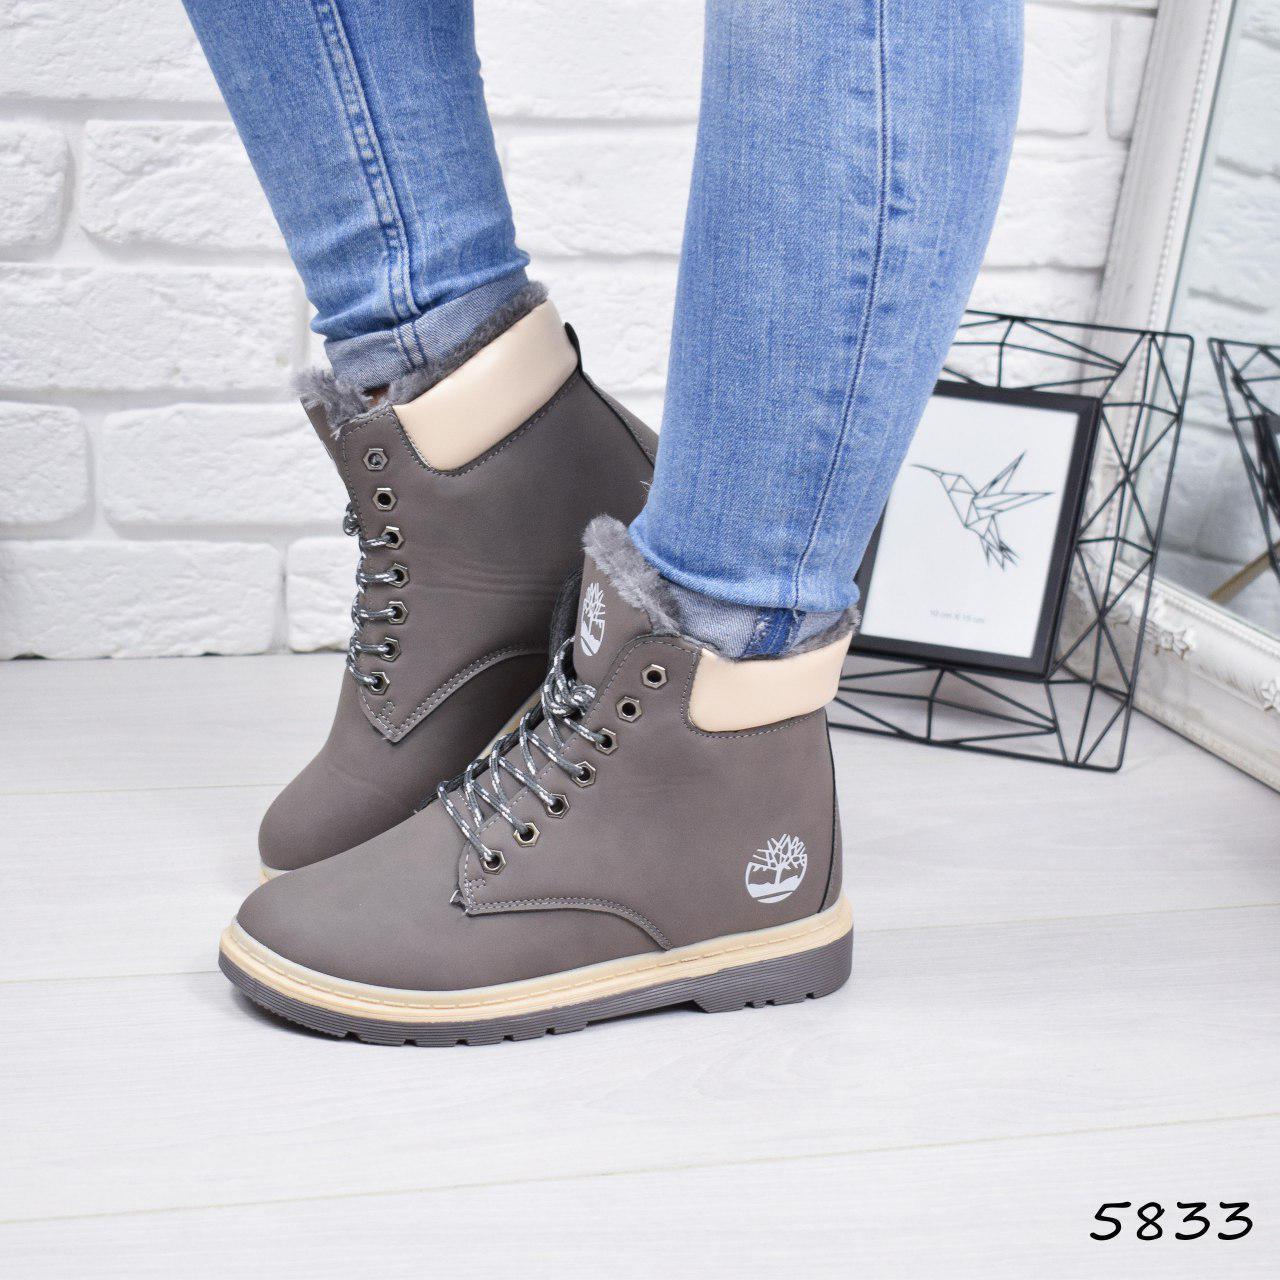 """Ботинки, ботильоны серые ЗИМА """"Timmy"""" эко нубук, повседневная, зимняя, теплая, женская обувь"""